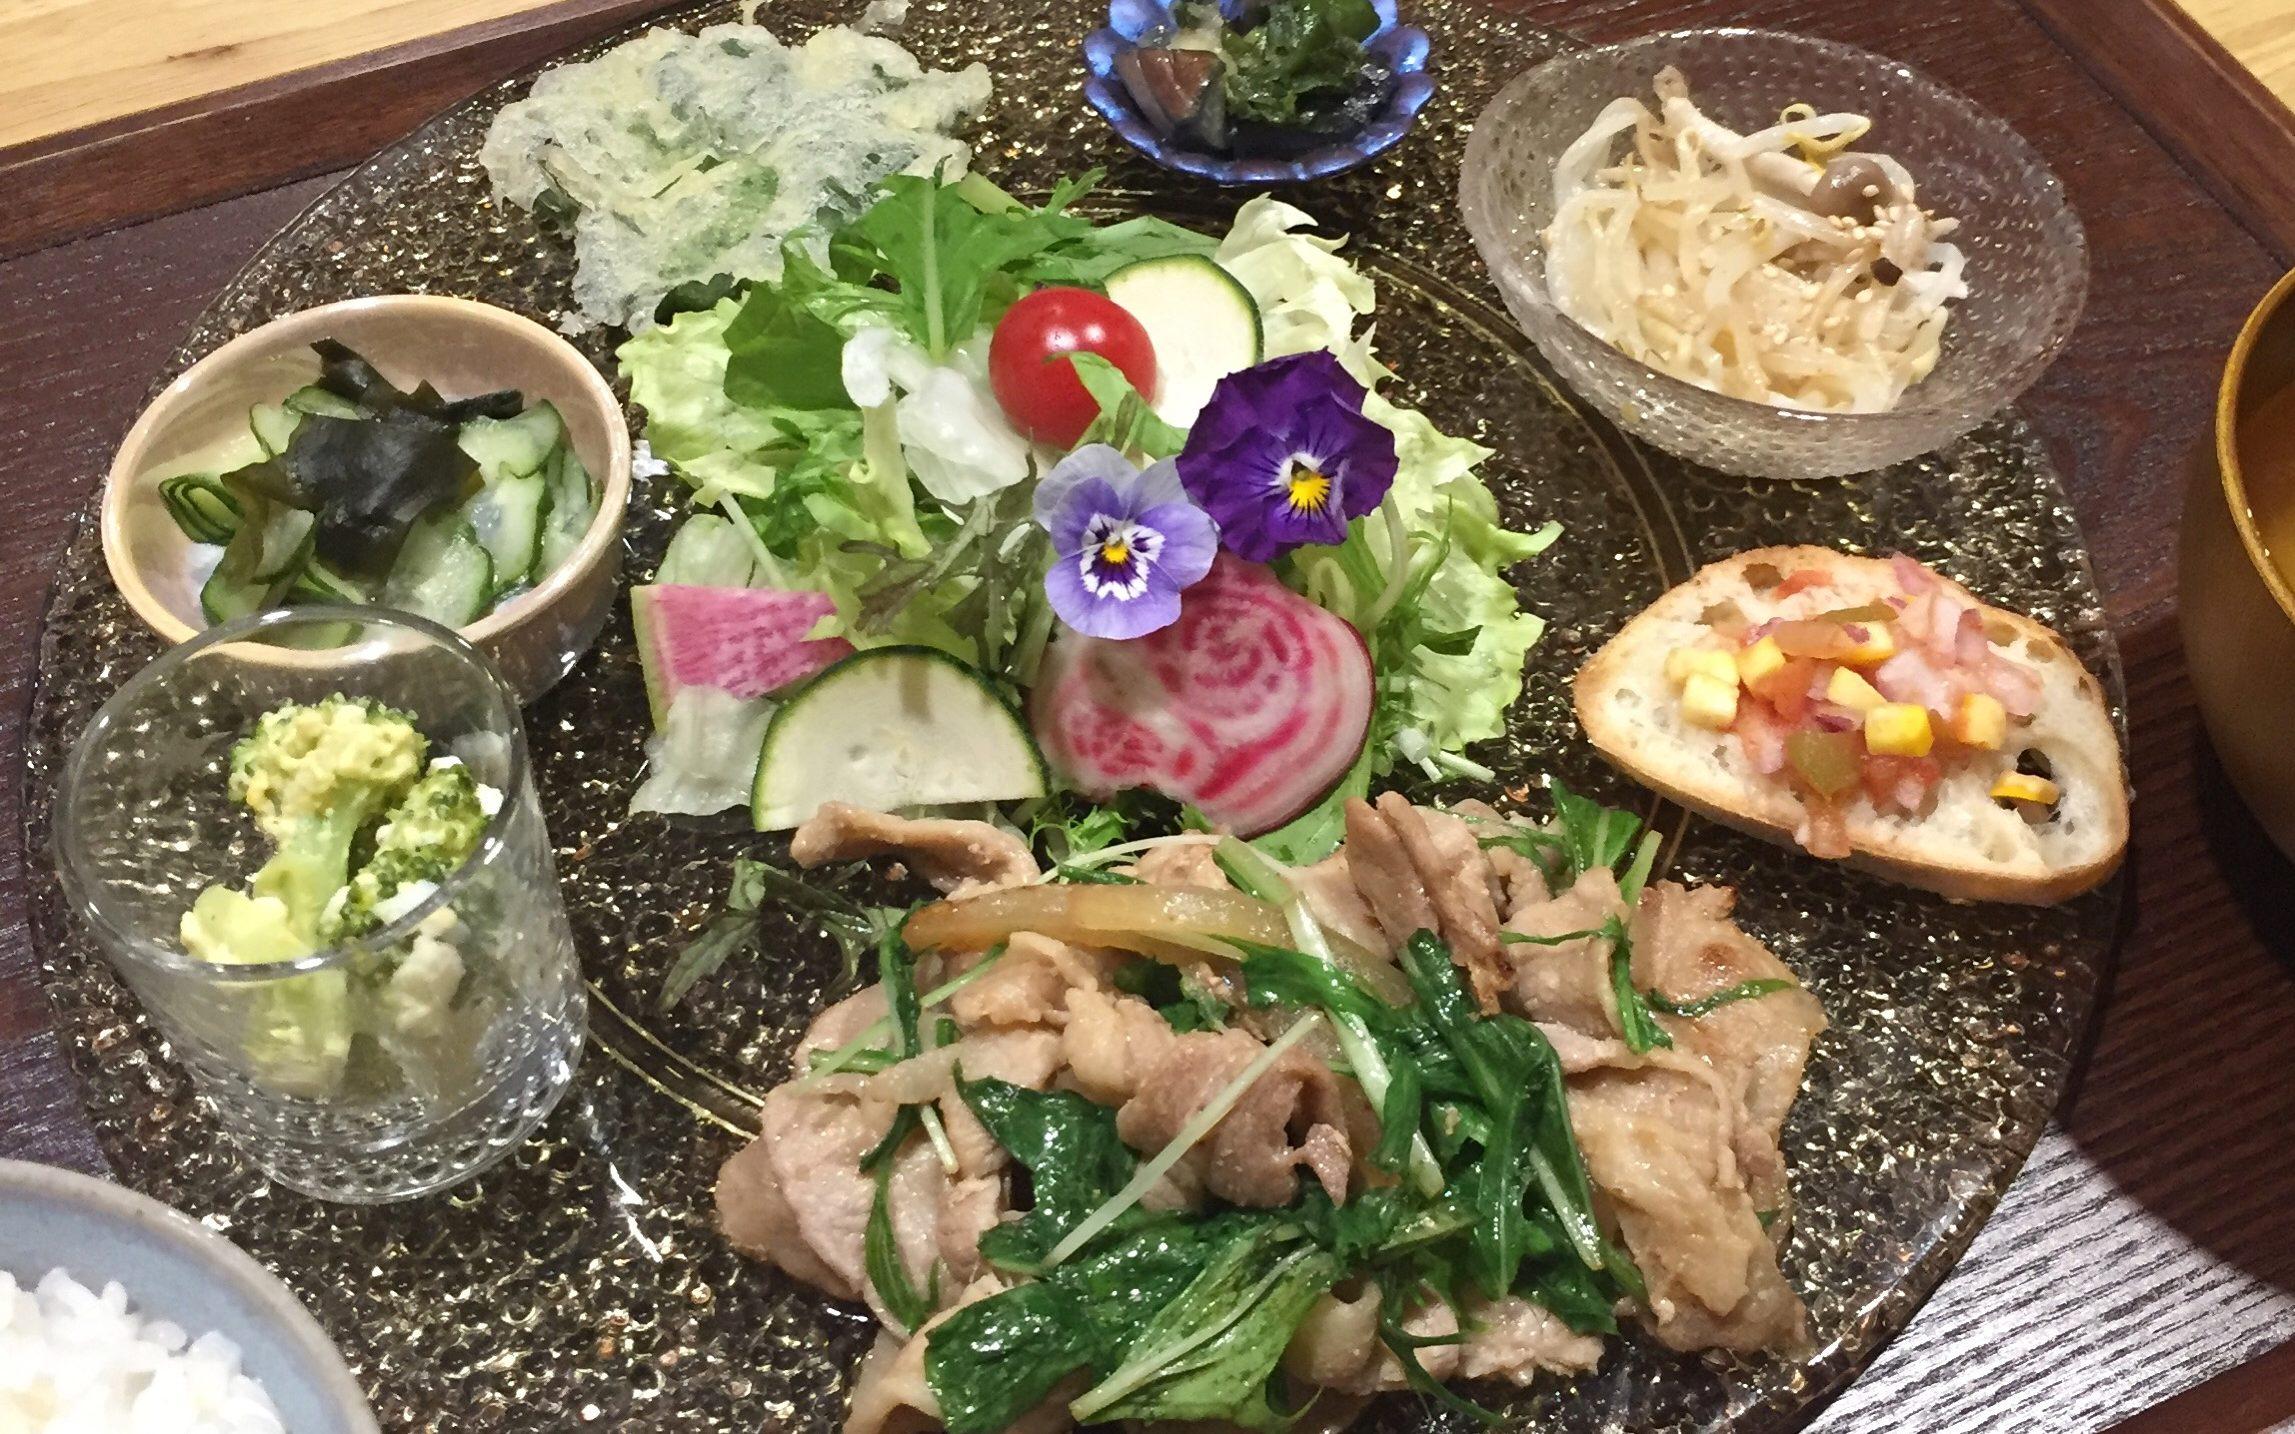 野菜御飯 幻想植物園(ゲンソウショクブツエン)